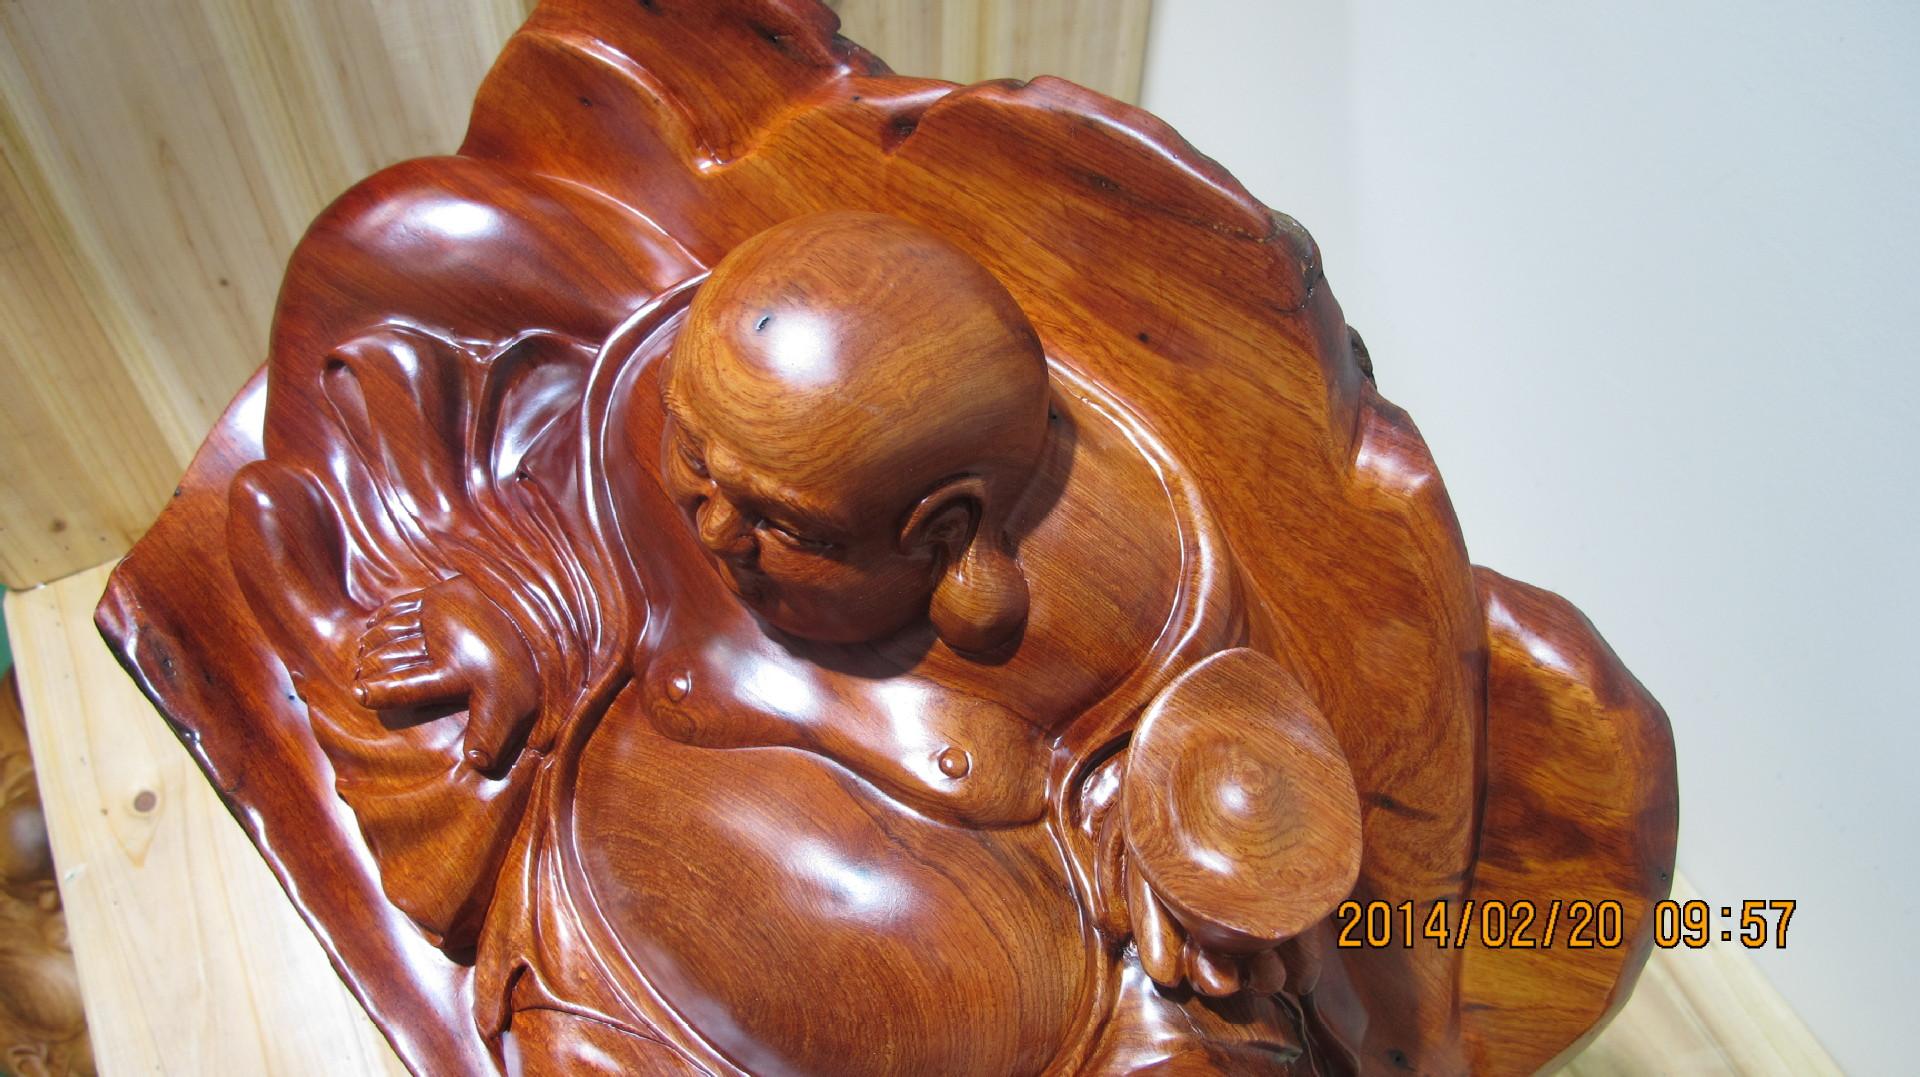 老挝花梨弥勒根雕 家居工艺品 手工根雕摆件 -价格,厂家,图片,木质